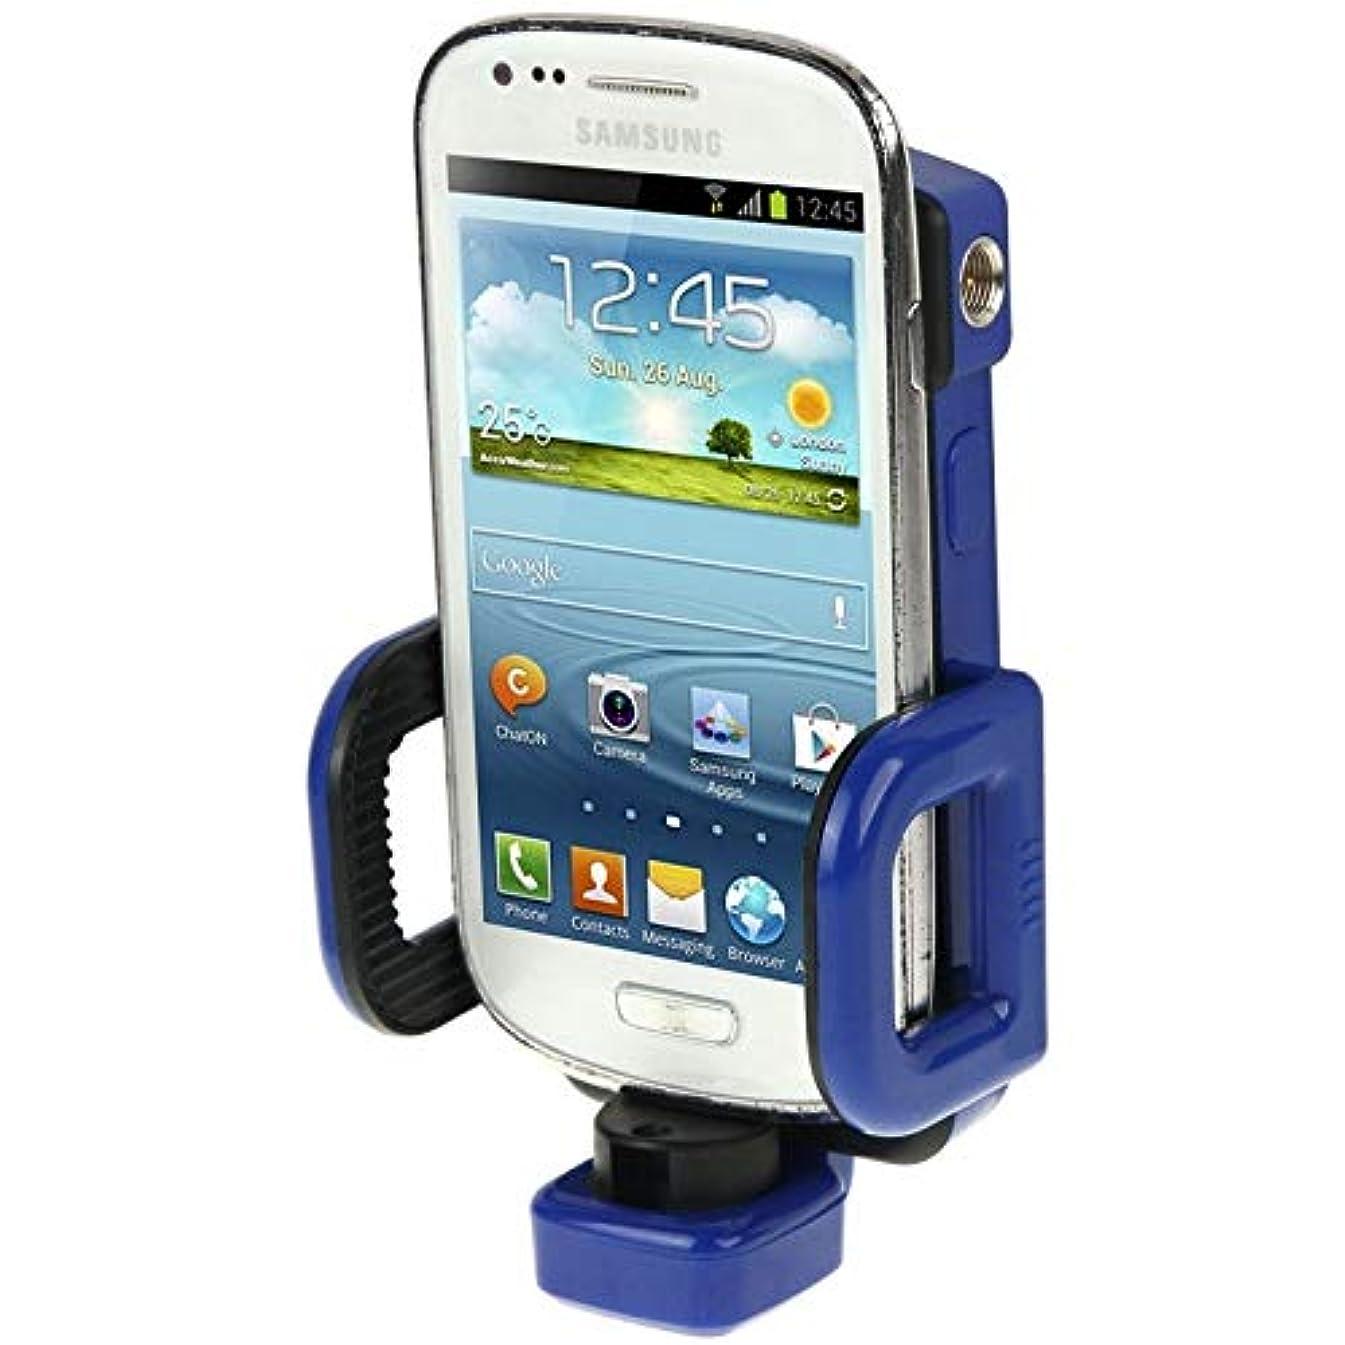 酔っ払い立証する相手WTYD Wifiアンテナ 3G / GSM/CDMAアンテナカプラーユニバーサル携帯電話ホルダー